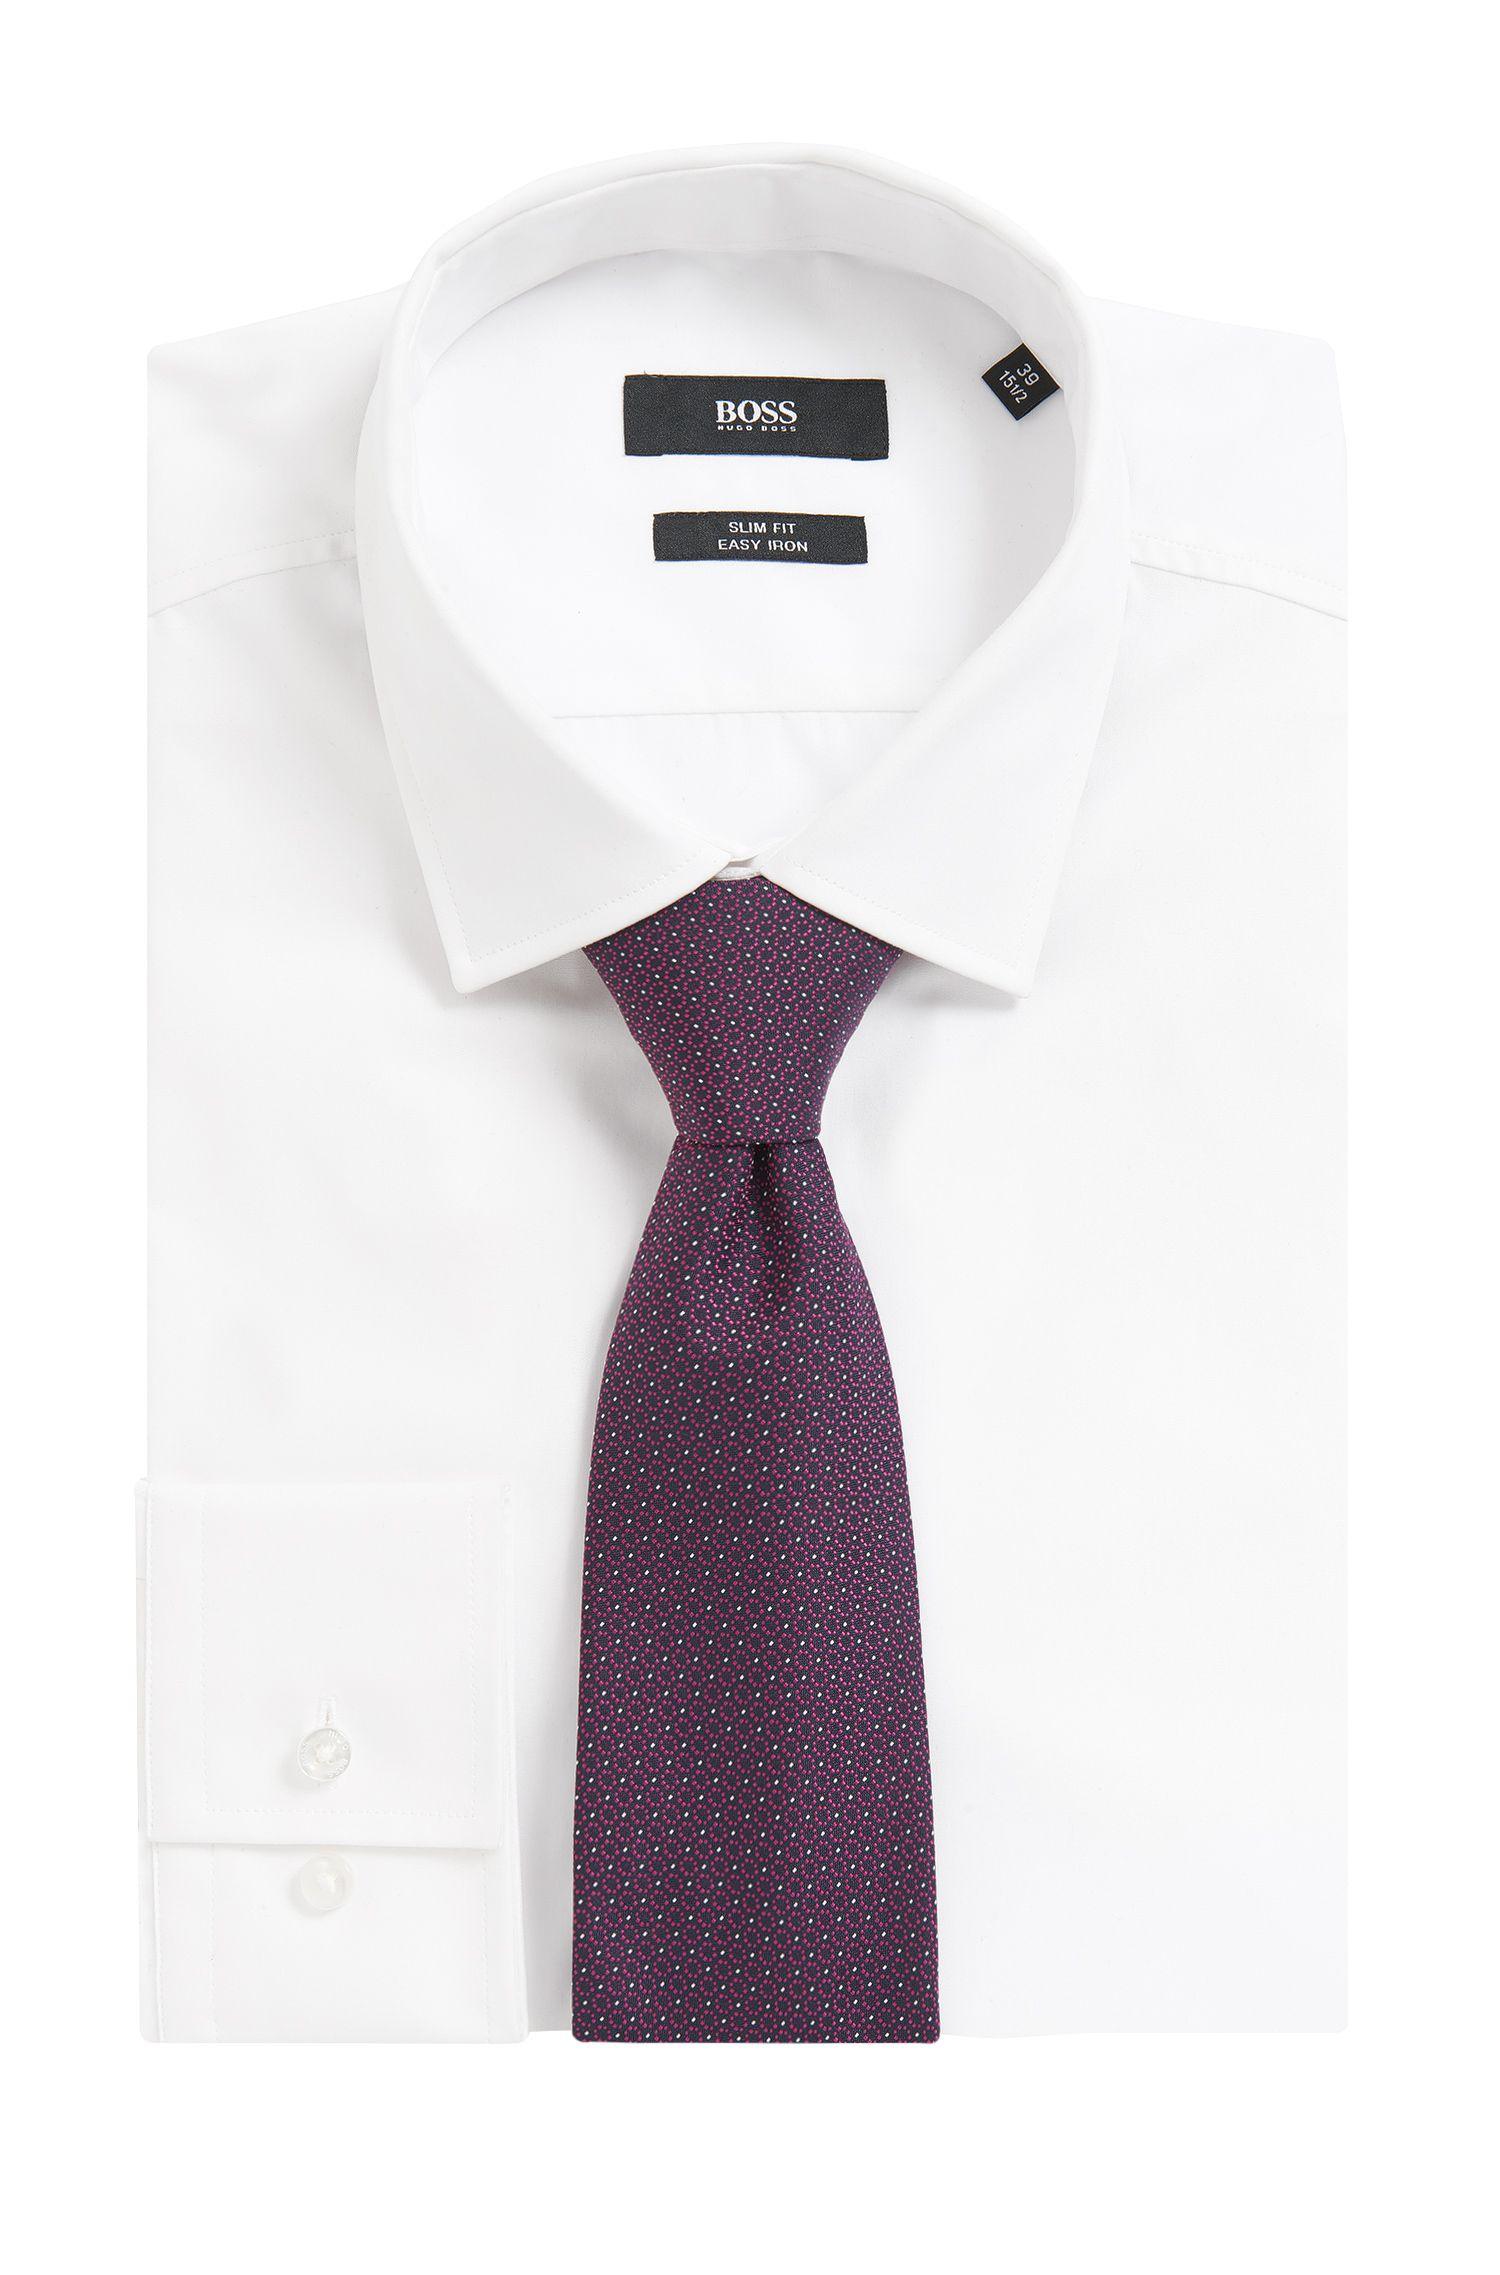 Cravate en jacquard de soie à micro-motif ton sur ton